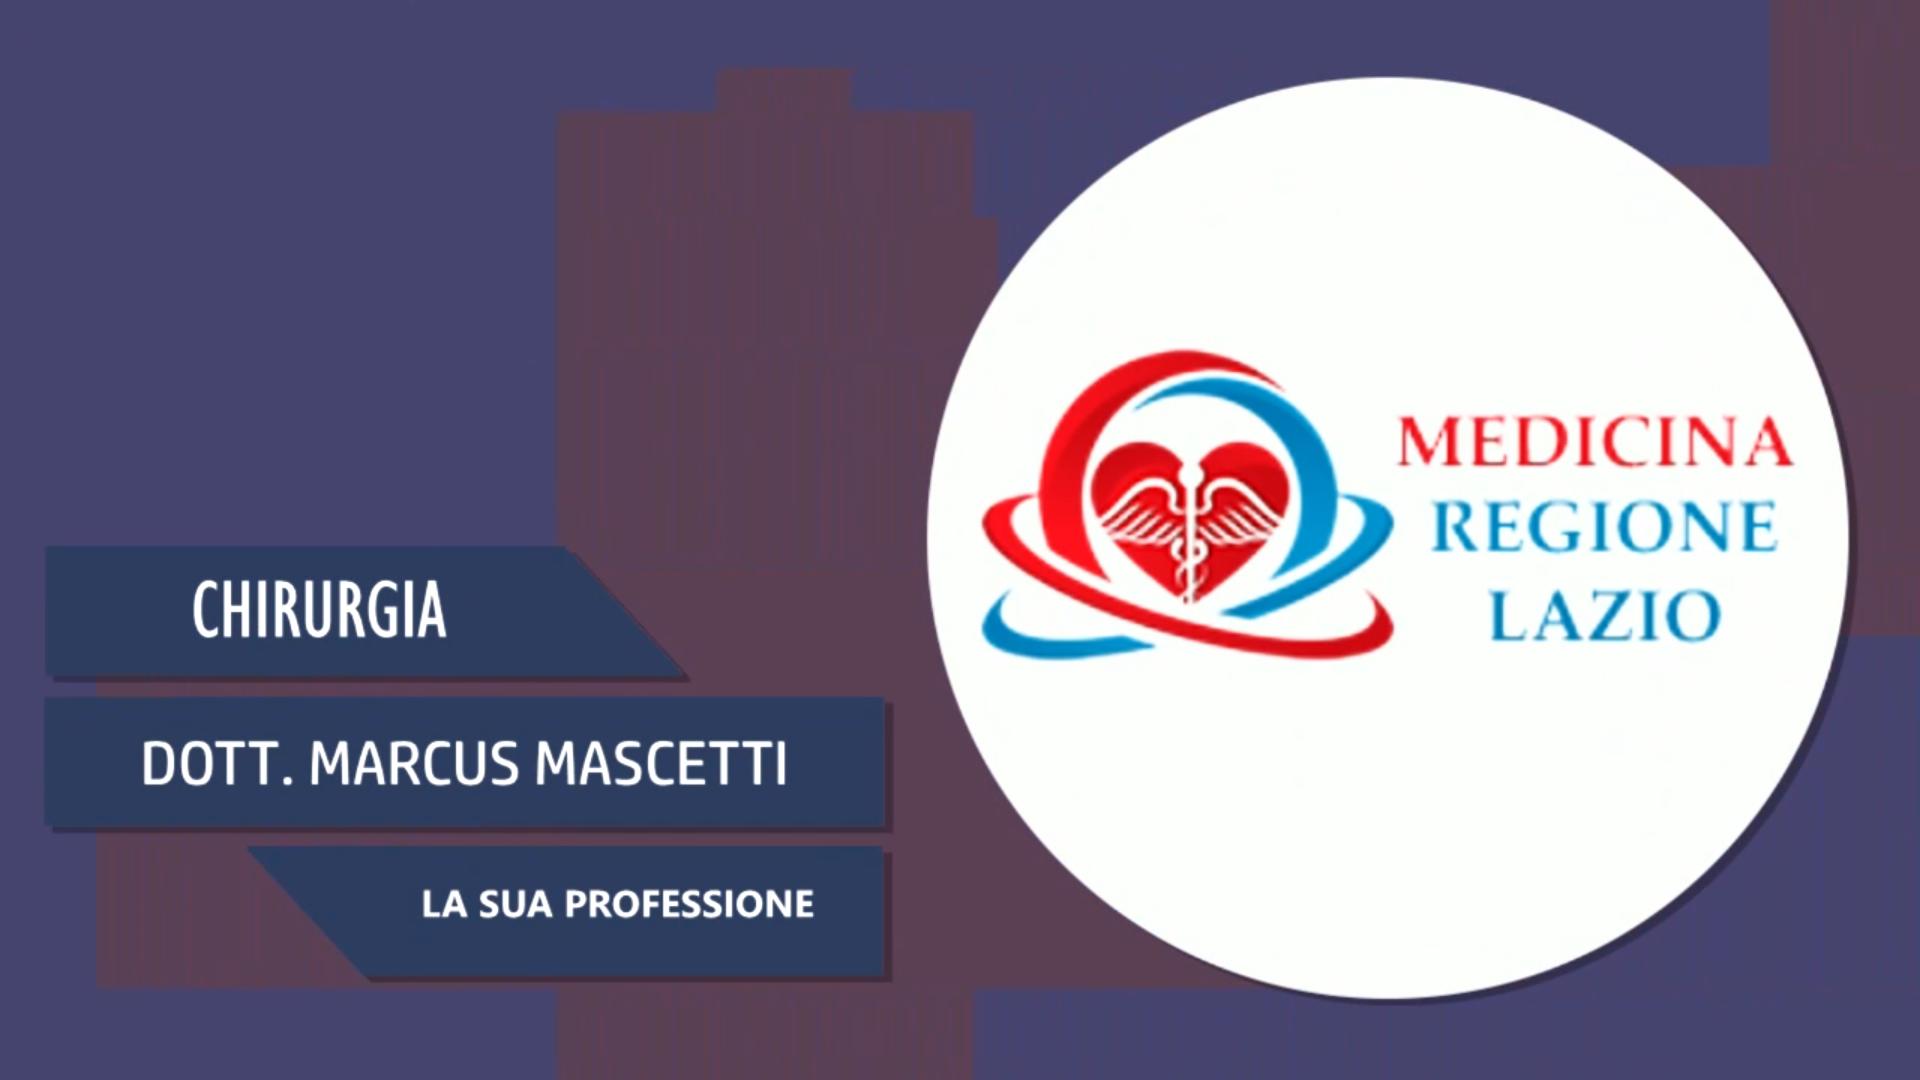 Intervista al Dott. Marcus Mascetti – La sua professione